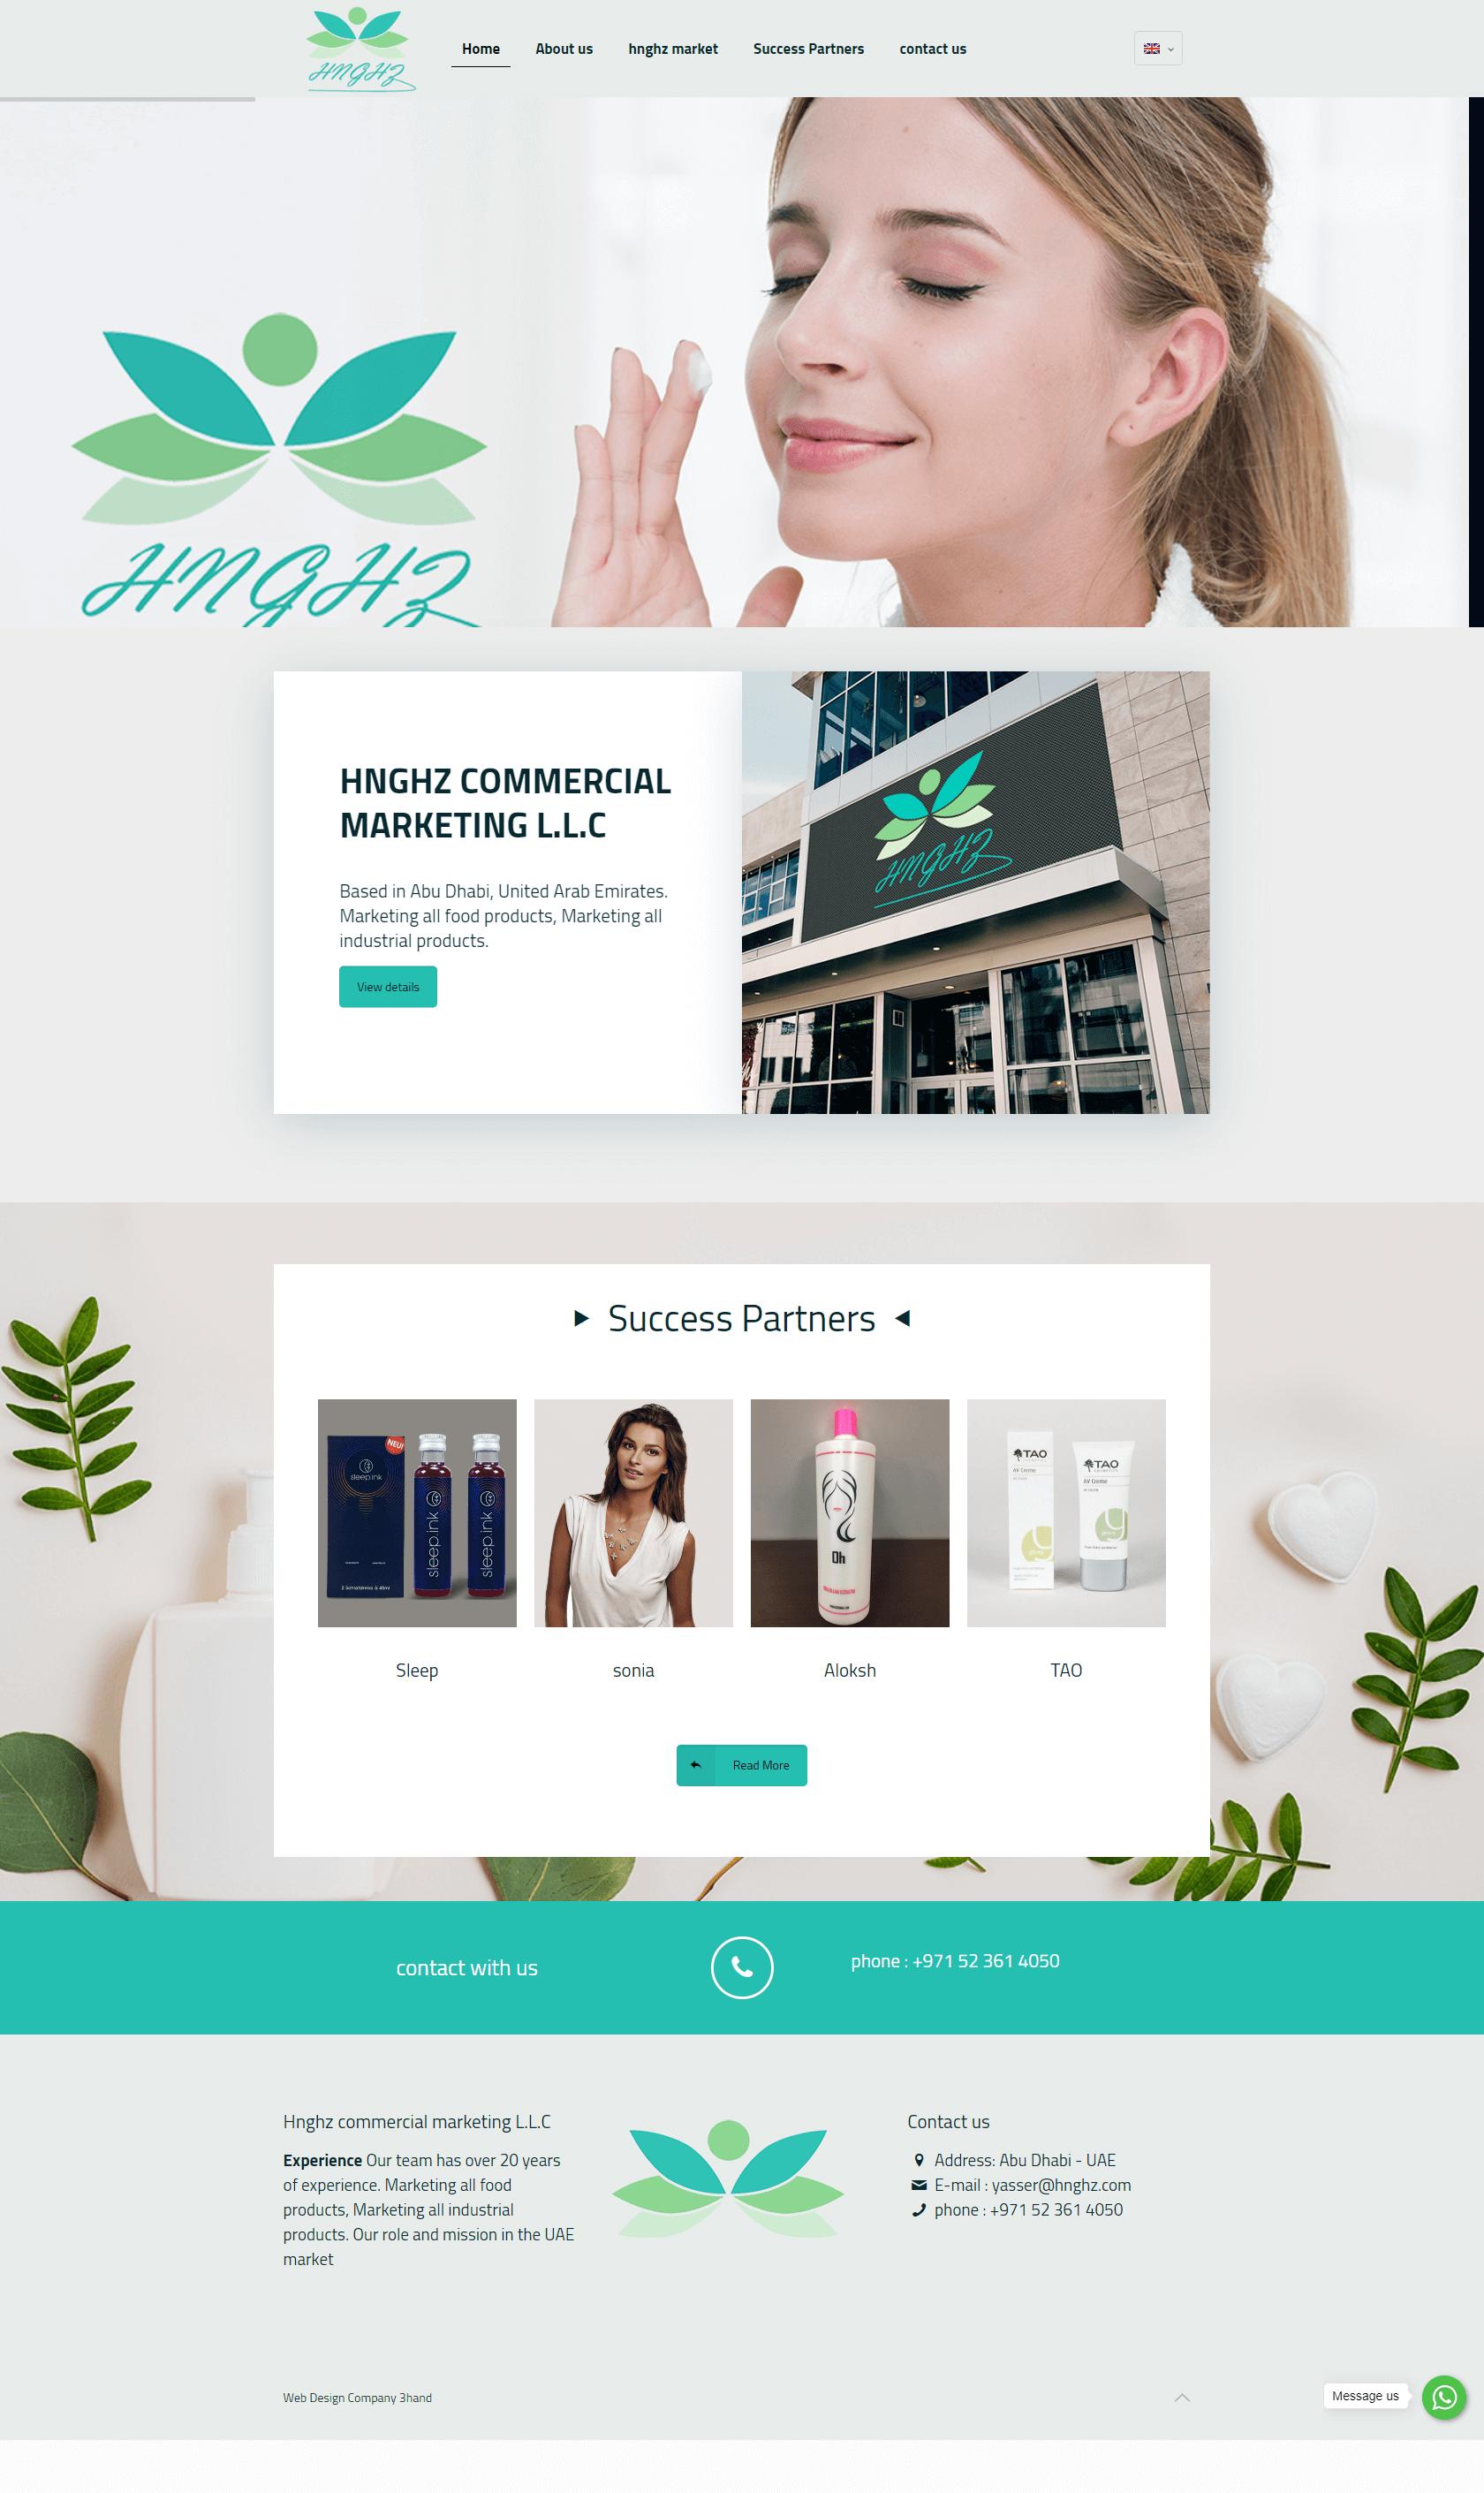 Hnghz-–-Commercial-marketing-L-L-C-2